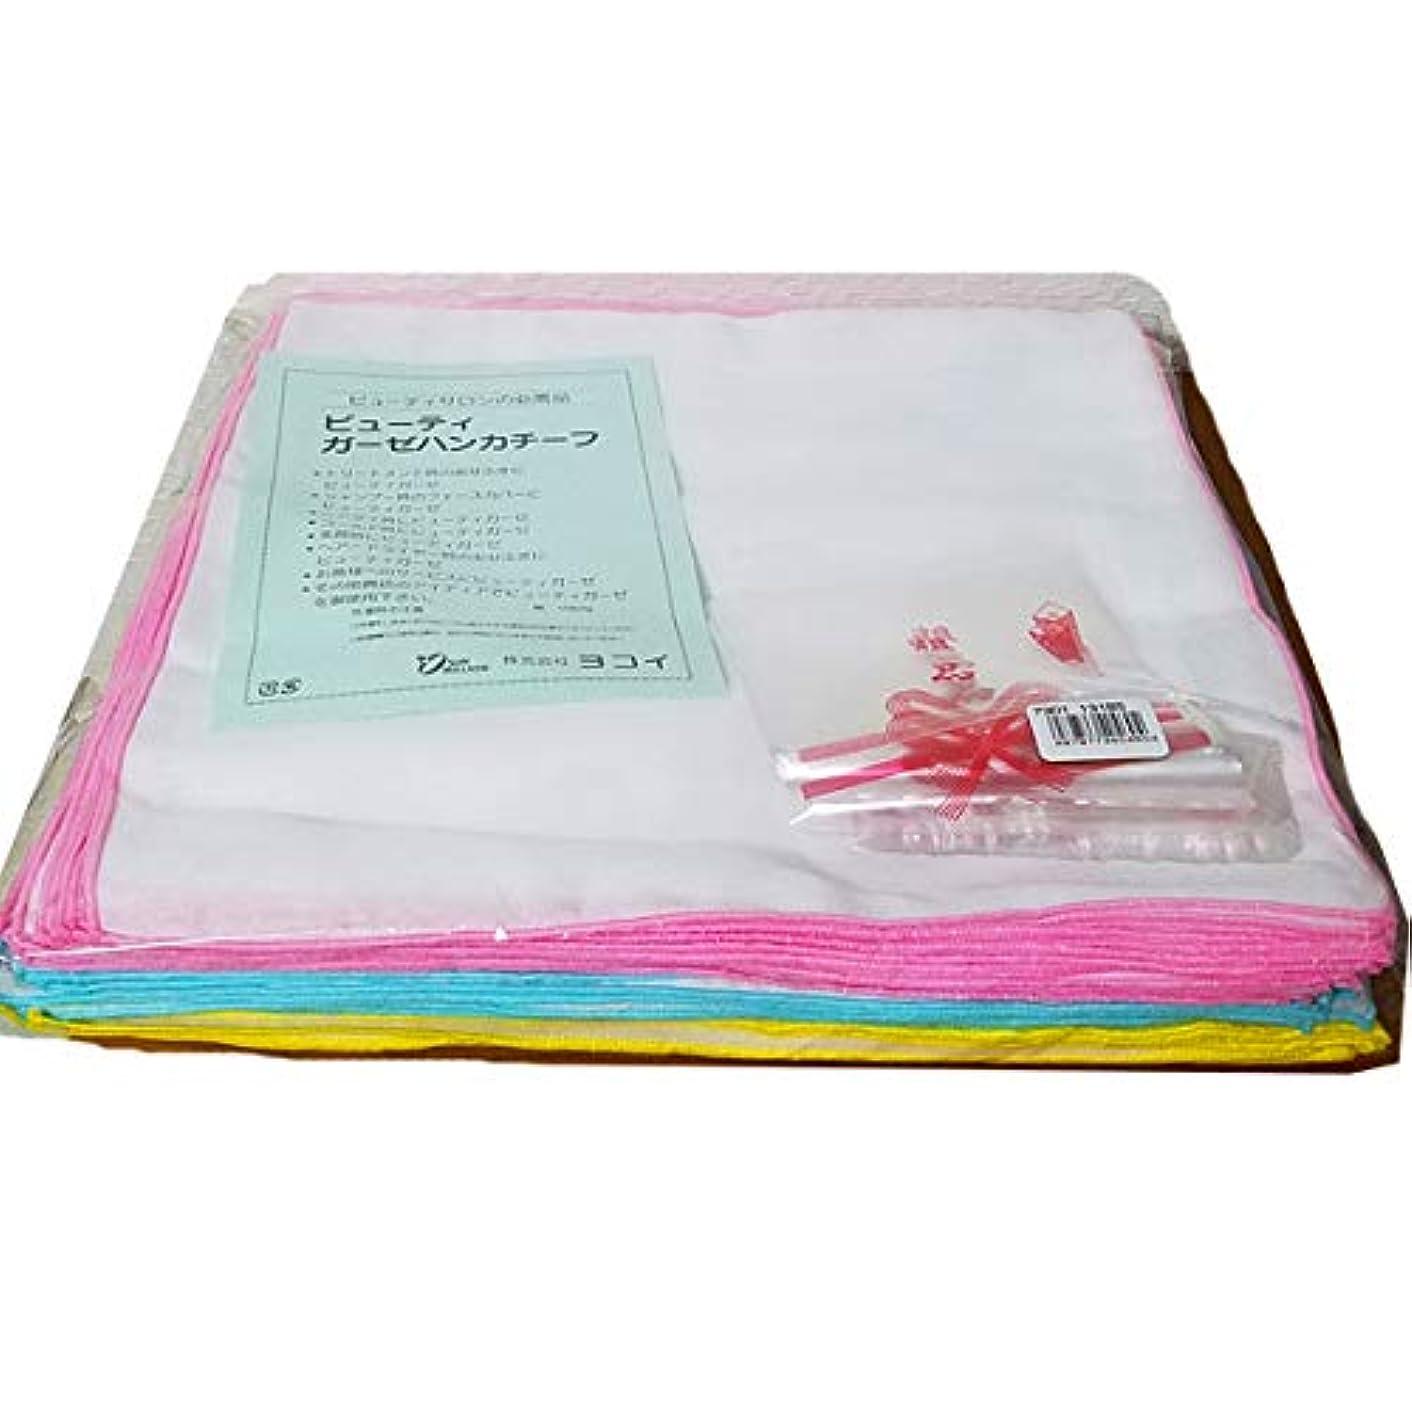 失態粘液上下するヨコイ カラーフェイスガーゼ(ピンク&ブルー&イエロー/アソート) 5ダース(60枚入)131BS